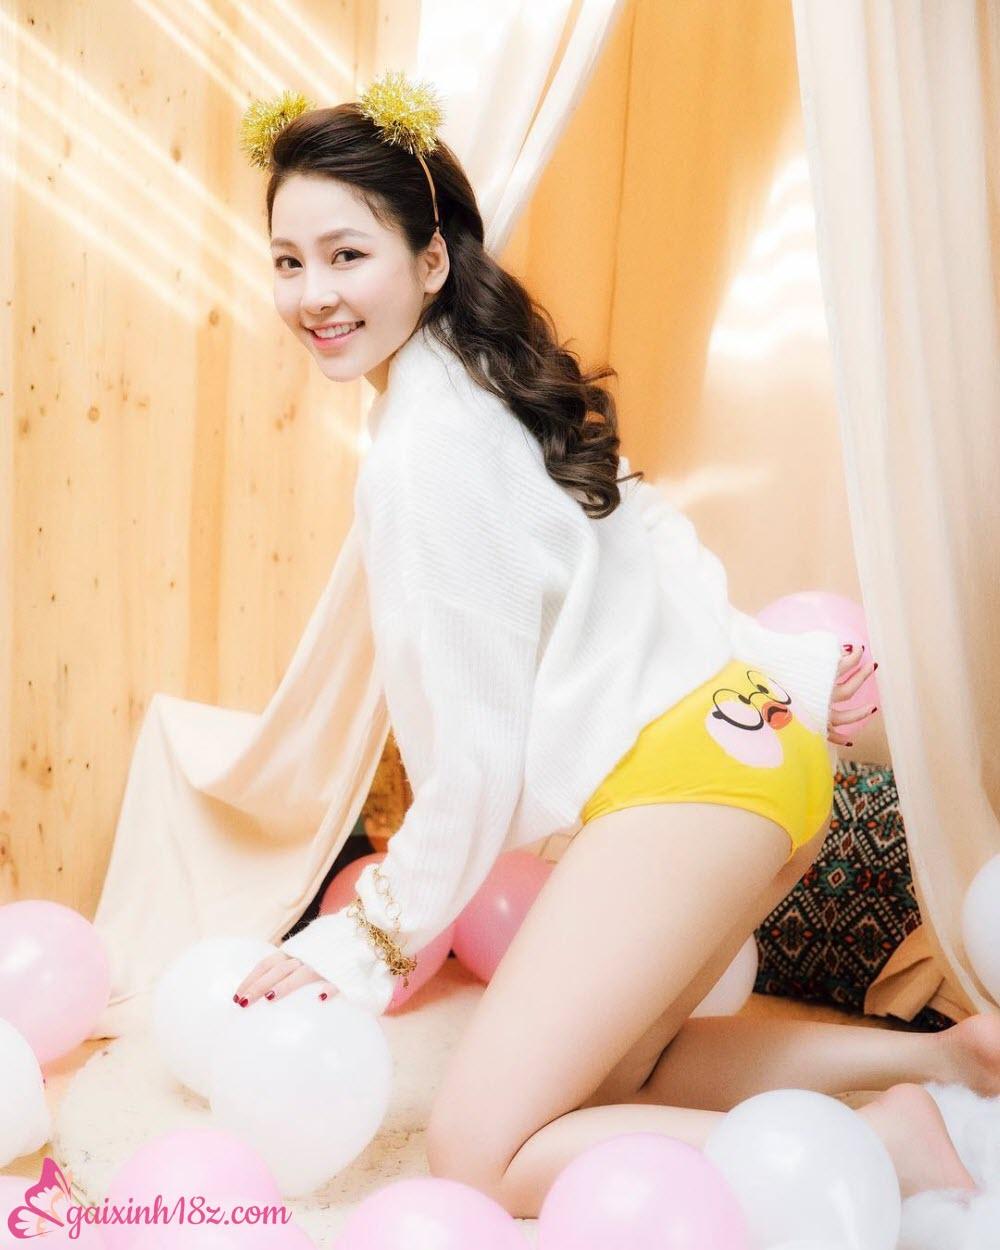 Hot girl Trâm Anh mặc chip ngây thơ của tuổi mới lớn khi đã quá già đời